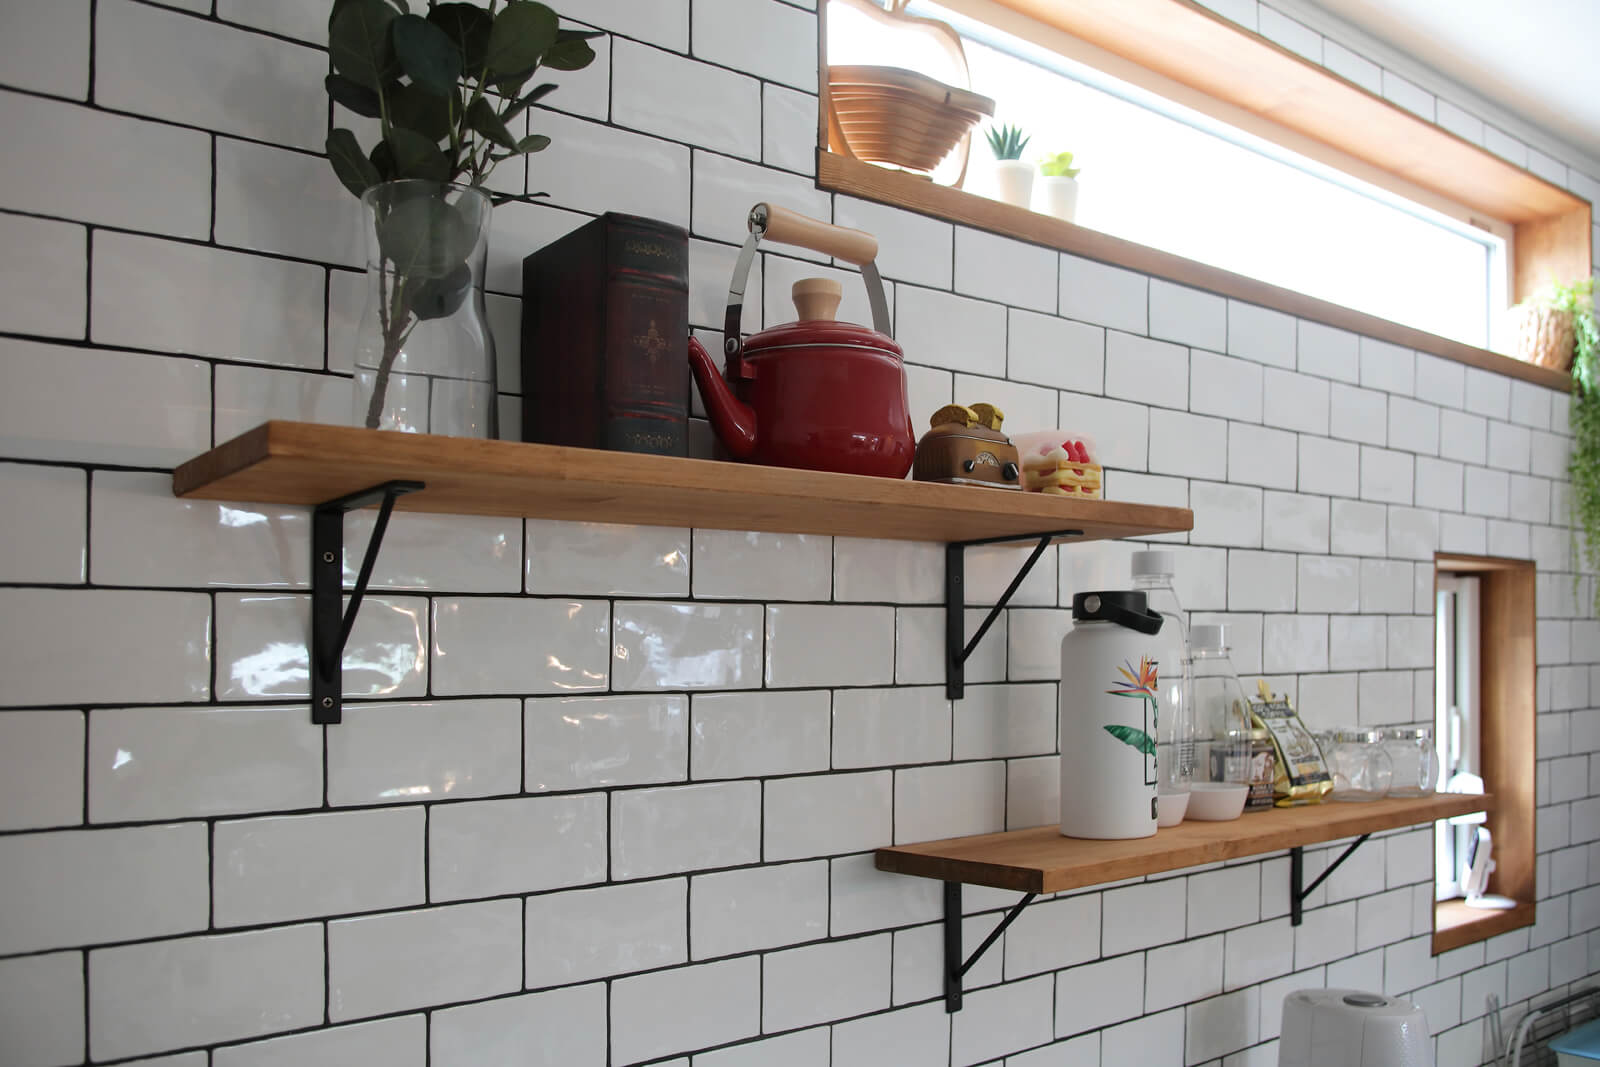 キッチンの壁には真っ白なサブウェイタイルがあしらわれた。見せる収納を希望した奥さんのために、キッチンの背面には飾り棚を造作